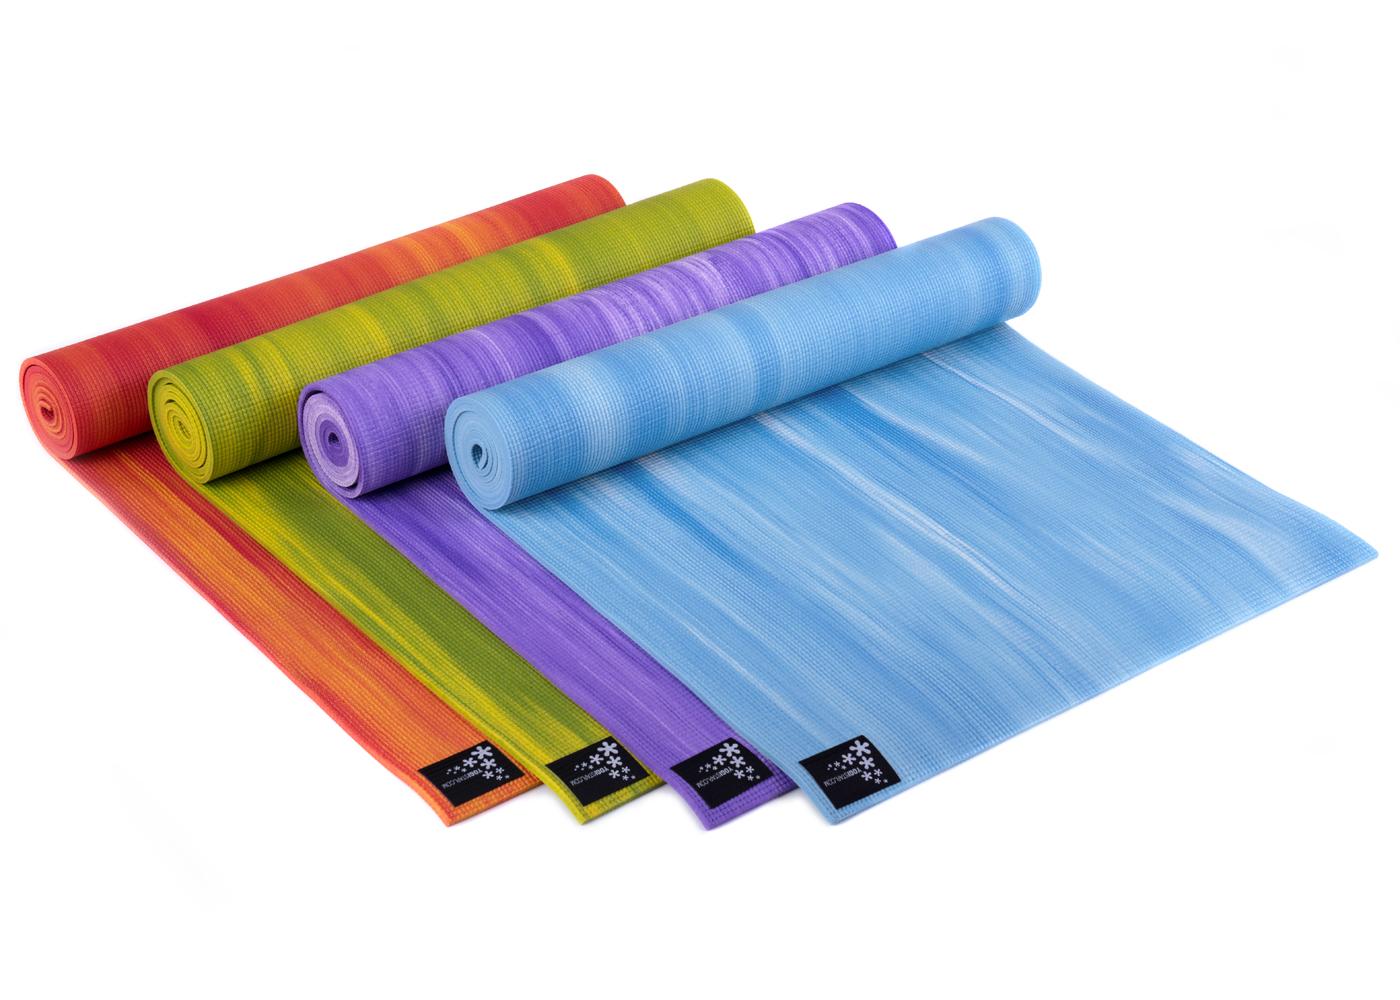 Yoga mat 'Elements' buy online at YOGISTAR.COM | Yoga